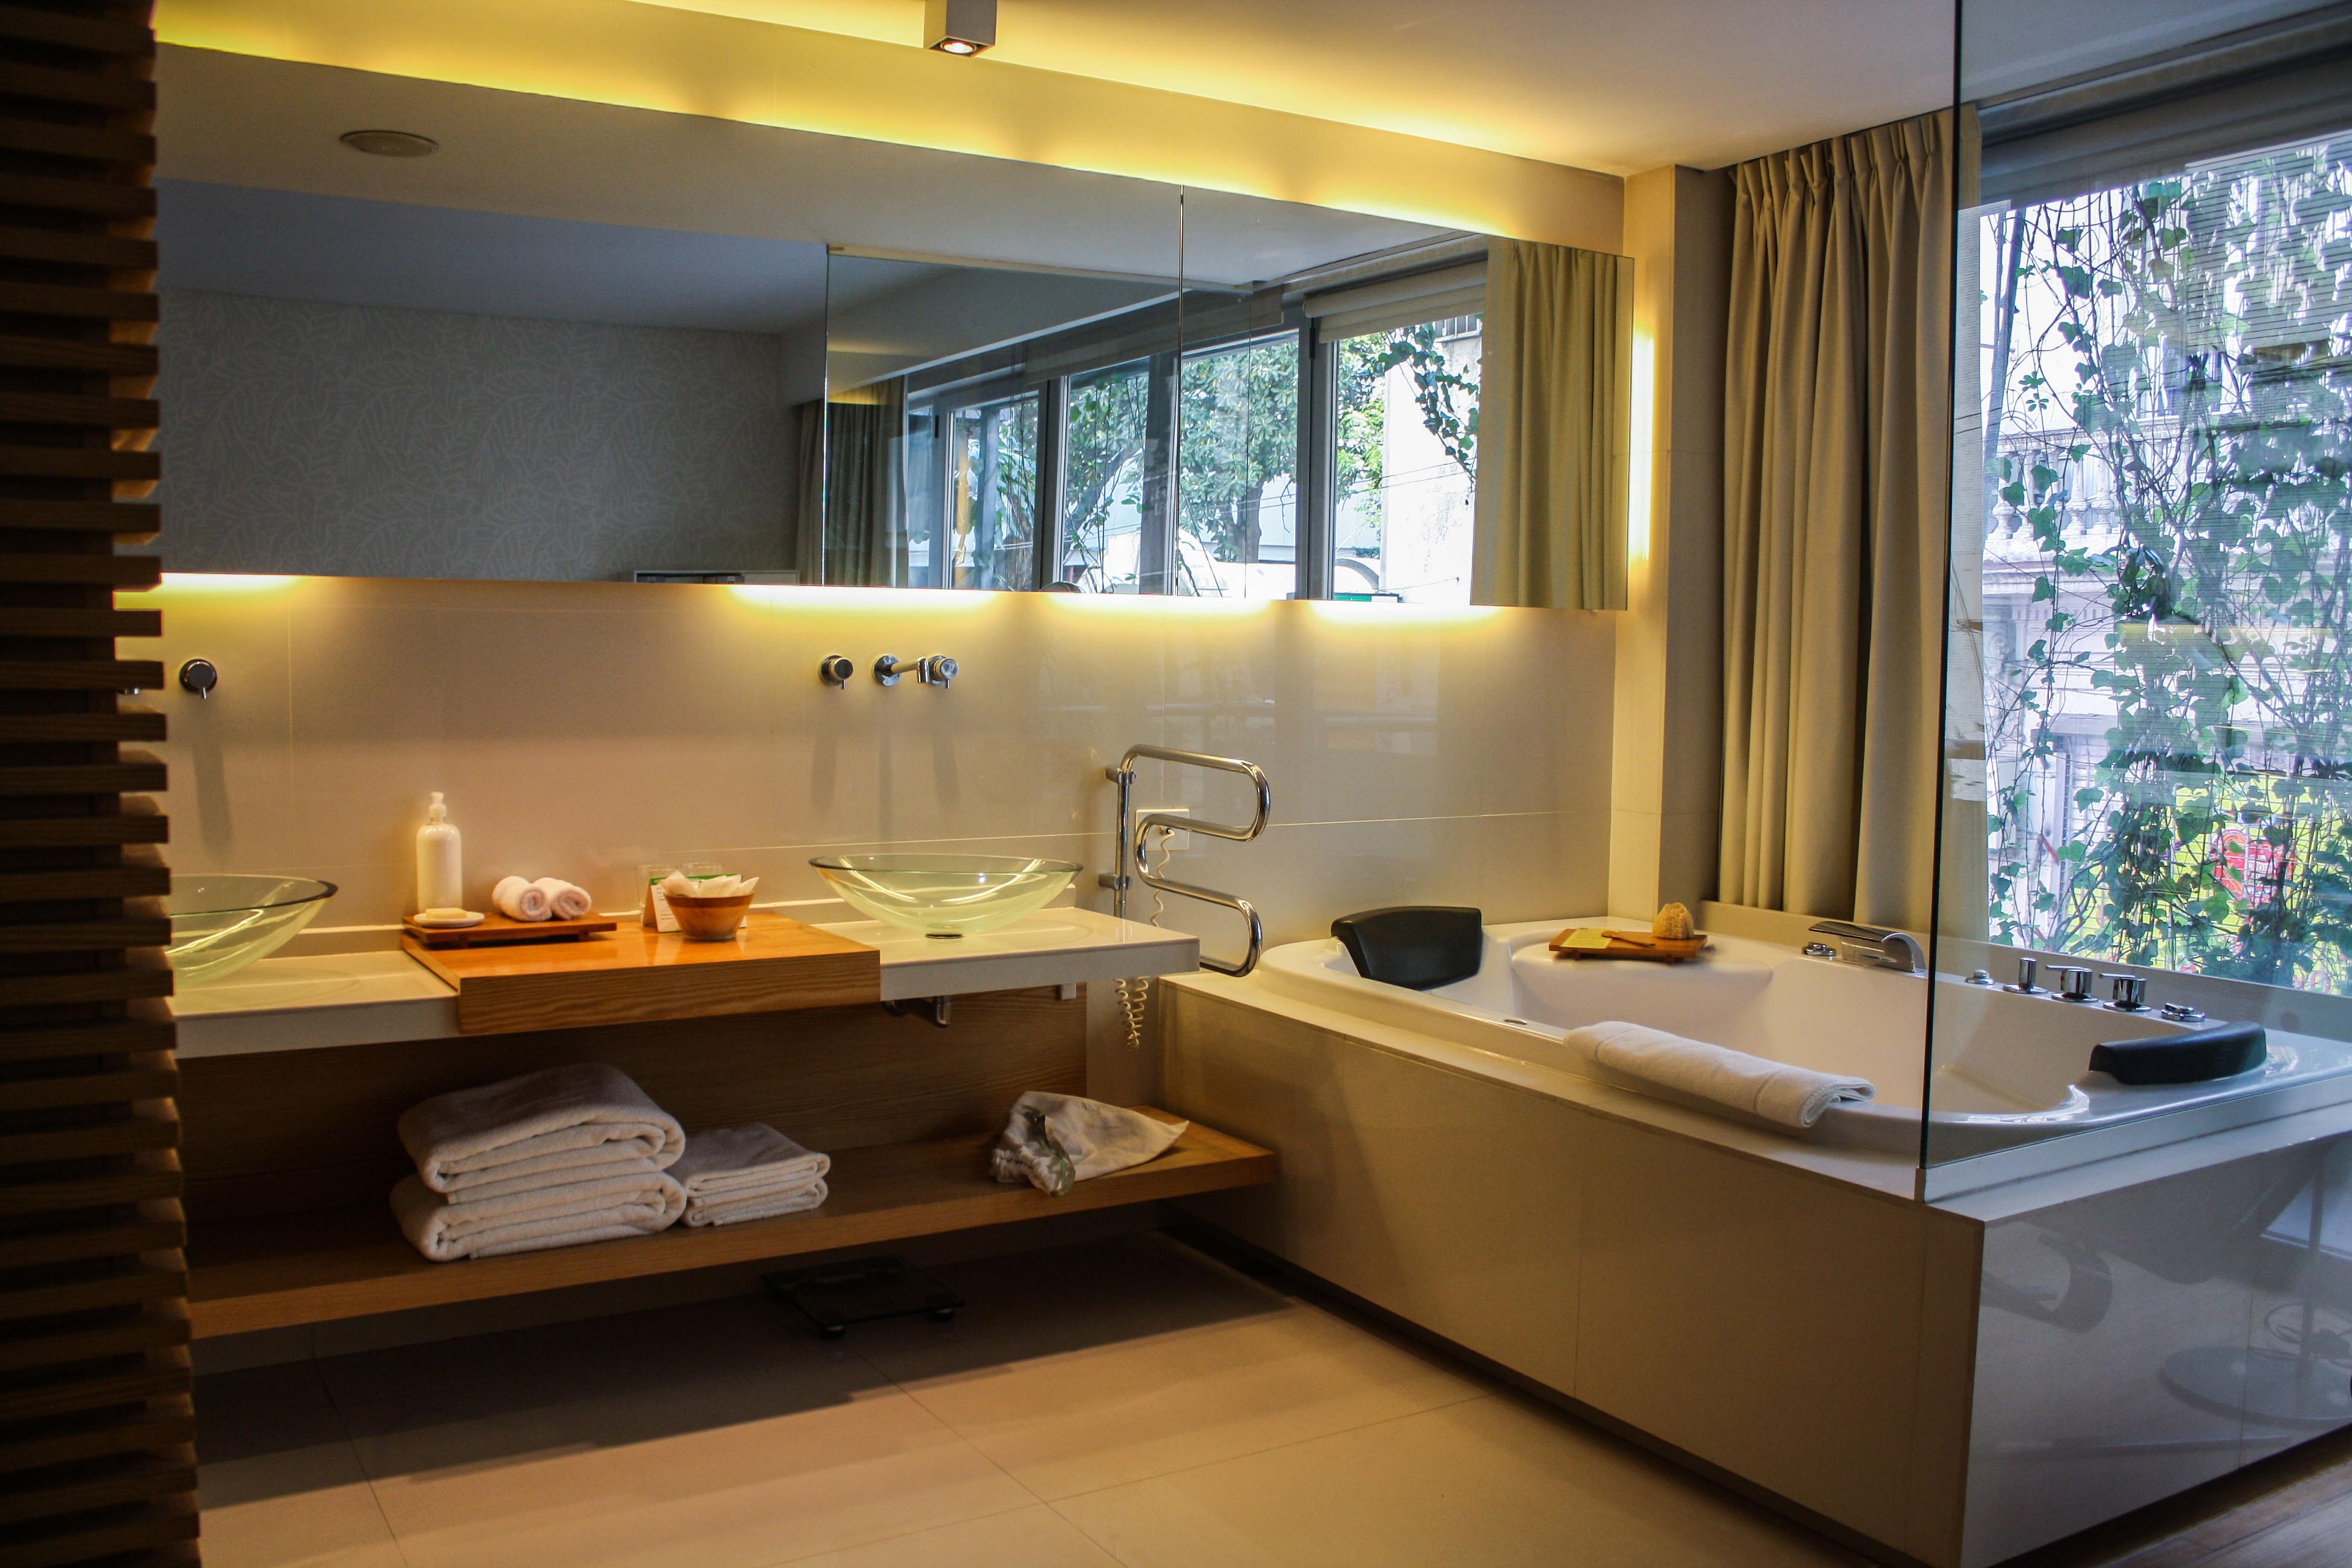 Casa calma wellness hotel buenos aires argentina for Wellness hotel